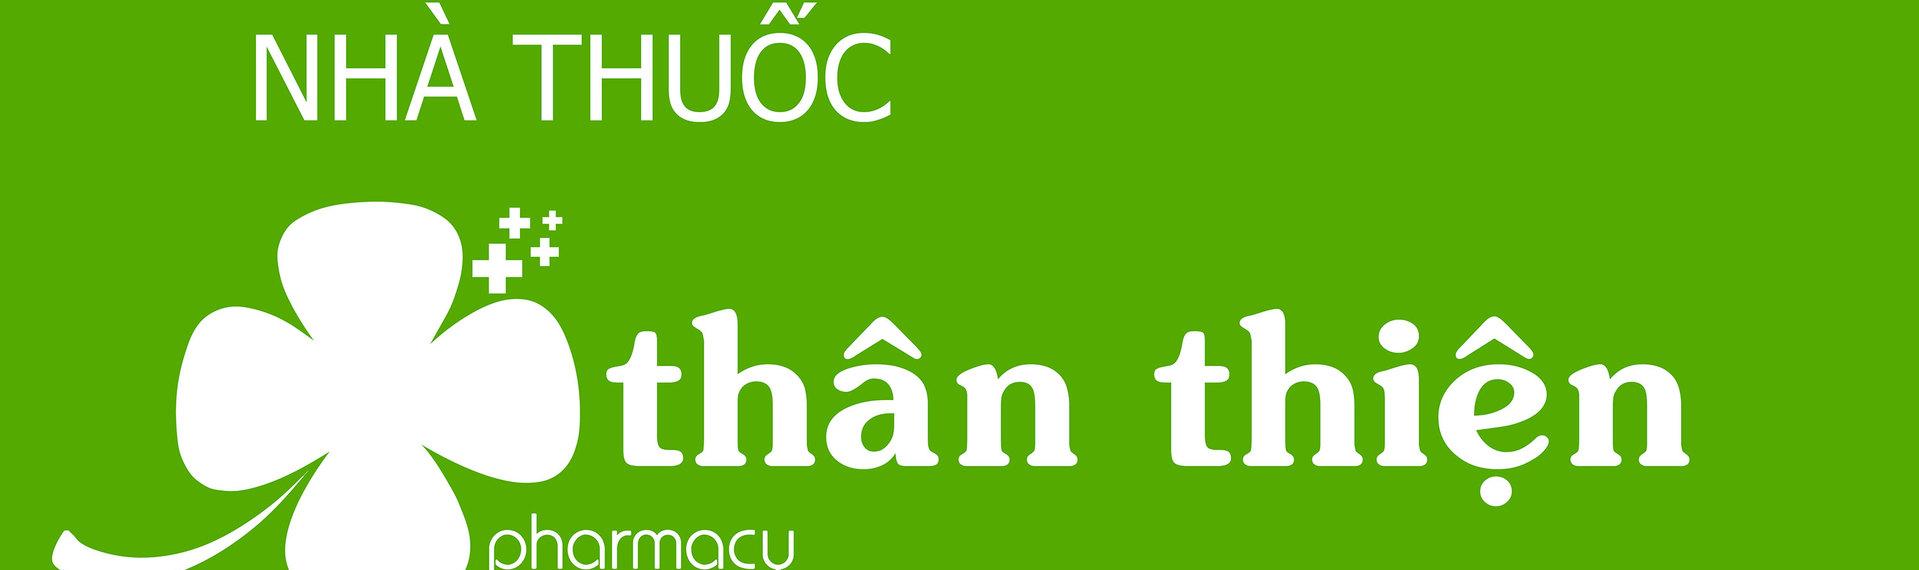 nhathuocthanthien